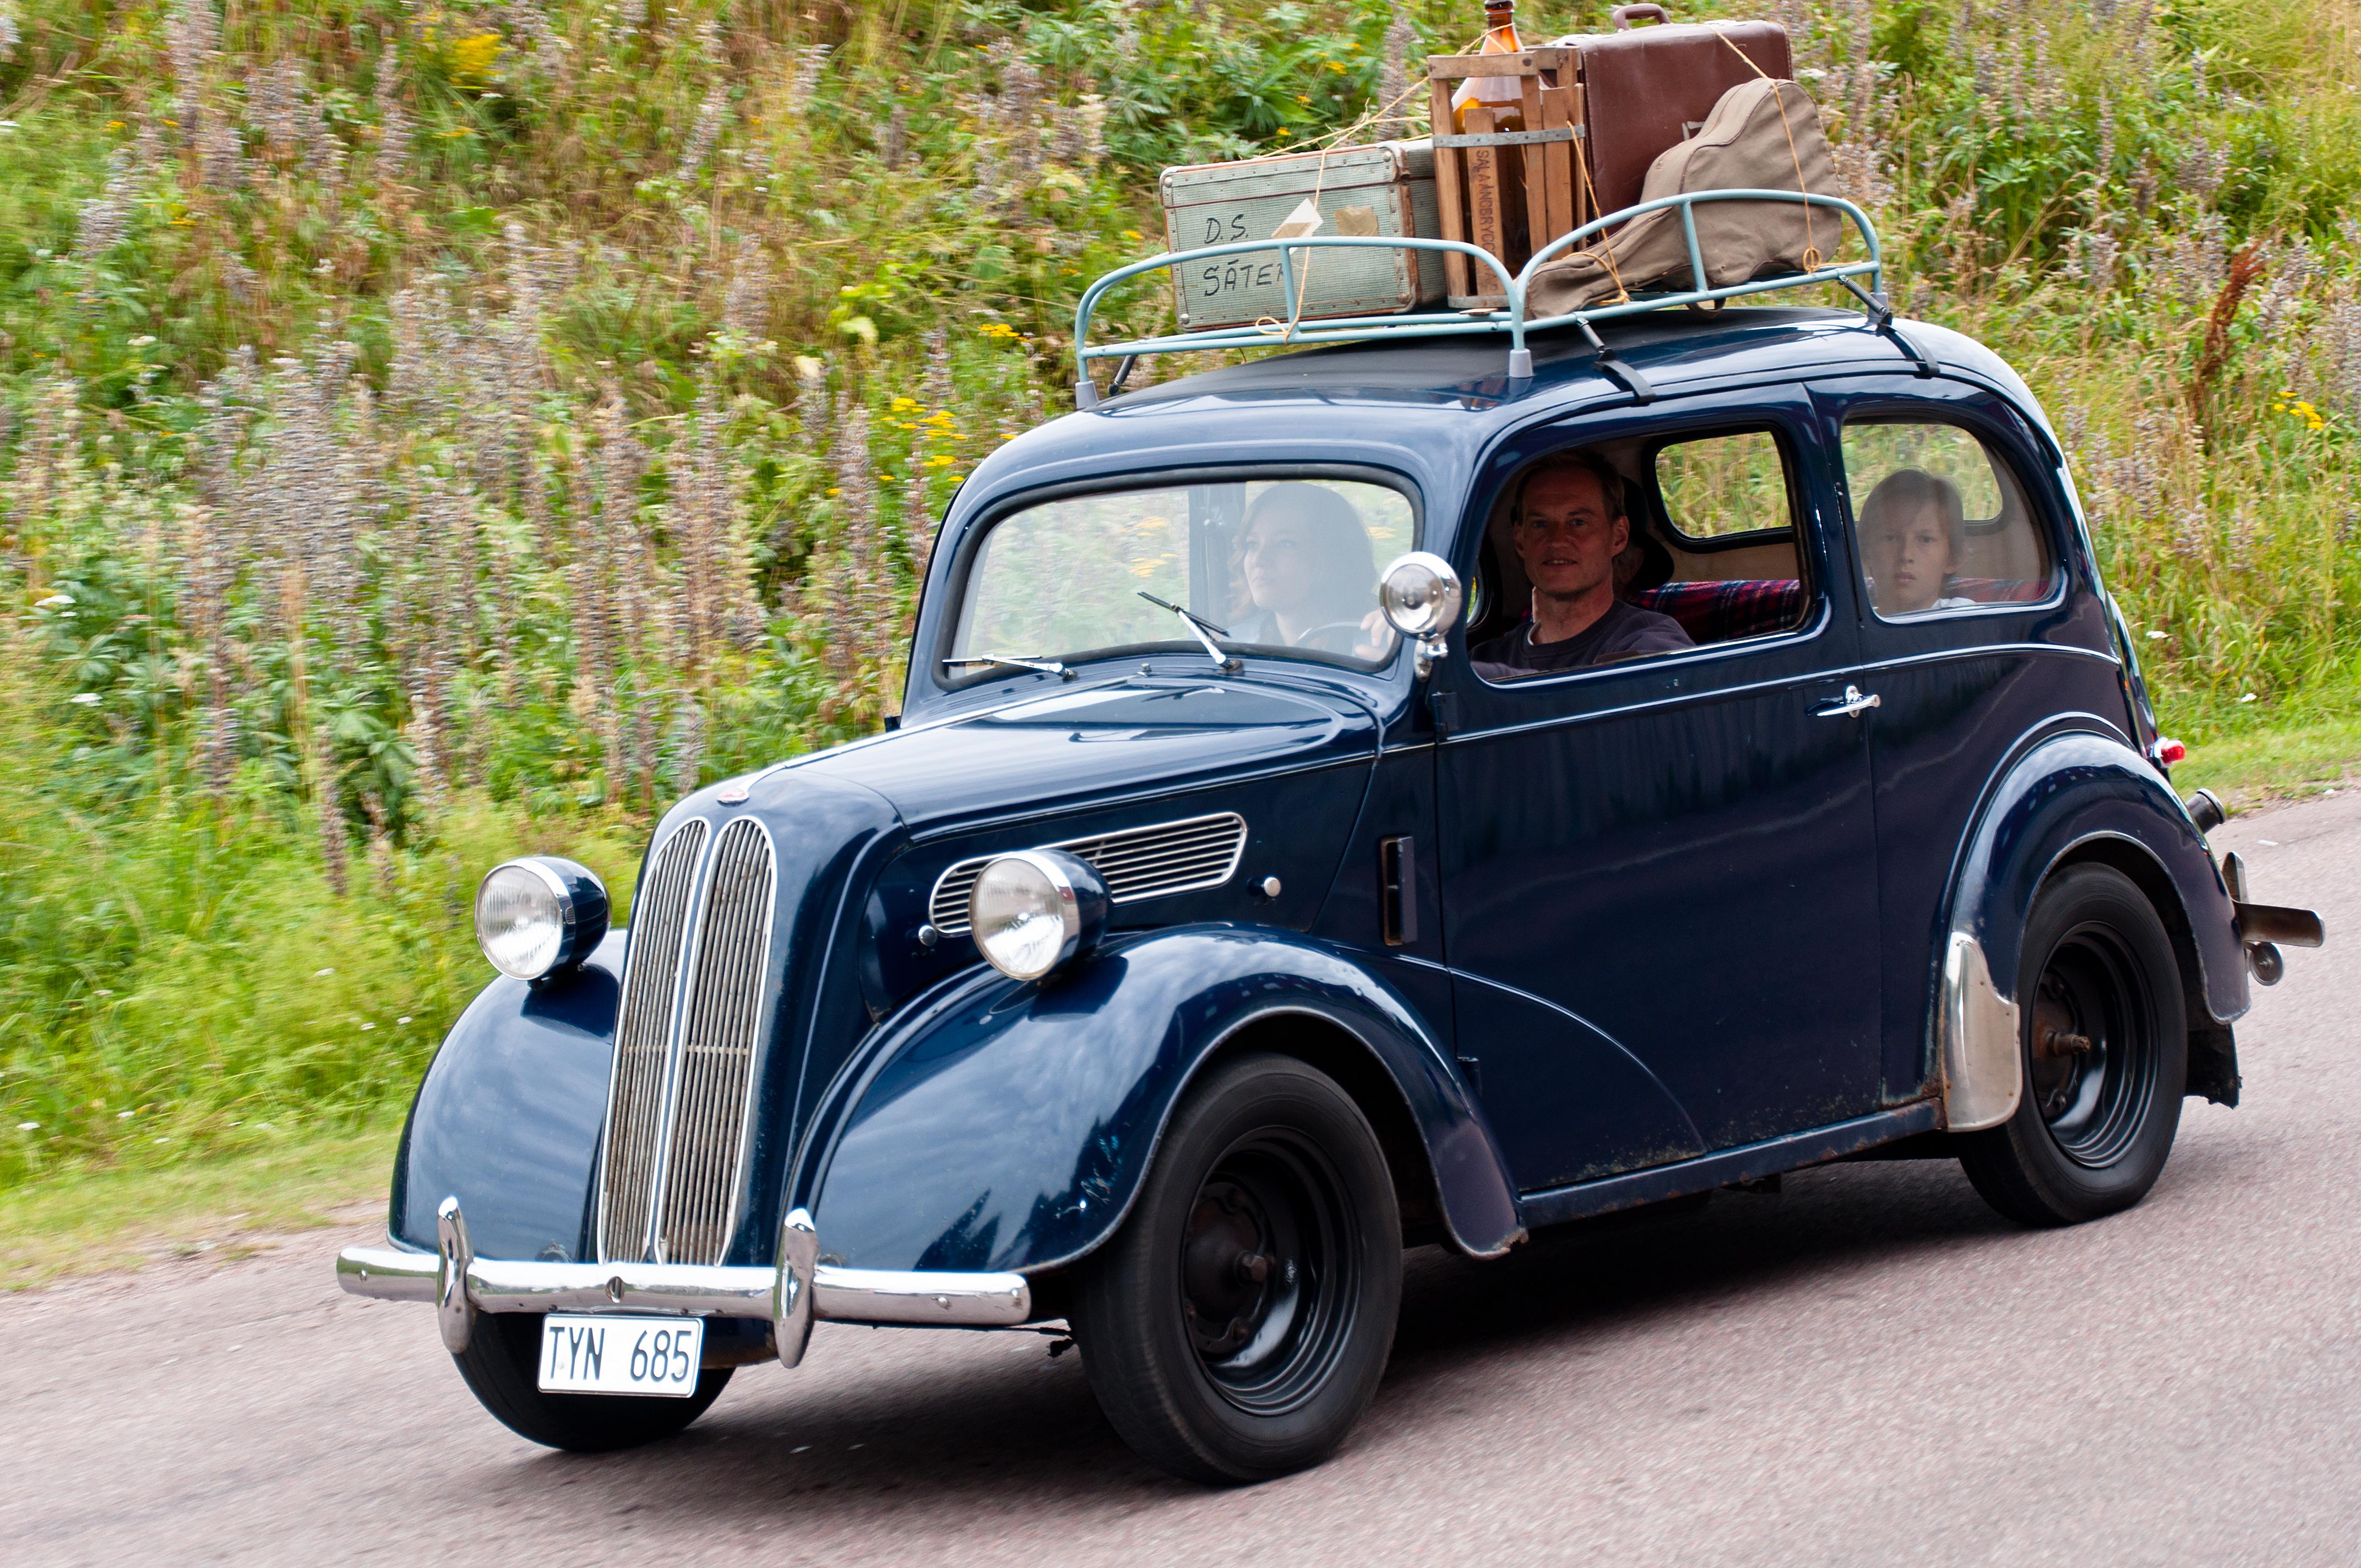 Ford Anglia Tudor 1951, 1951, Anglia, Car, Ford, HQ Photo